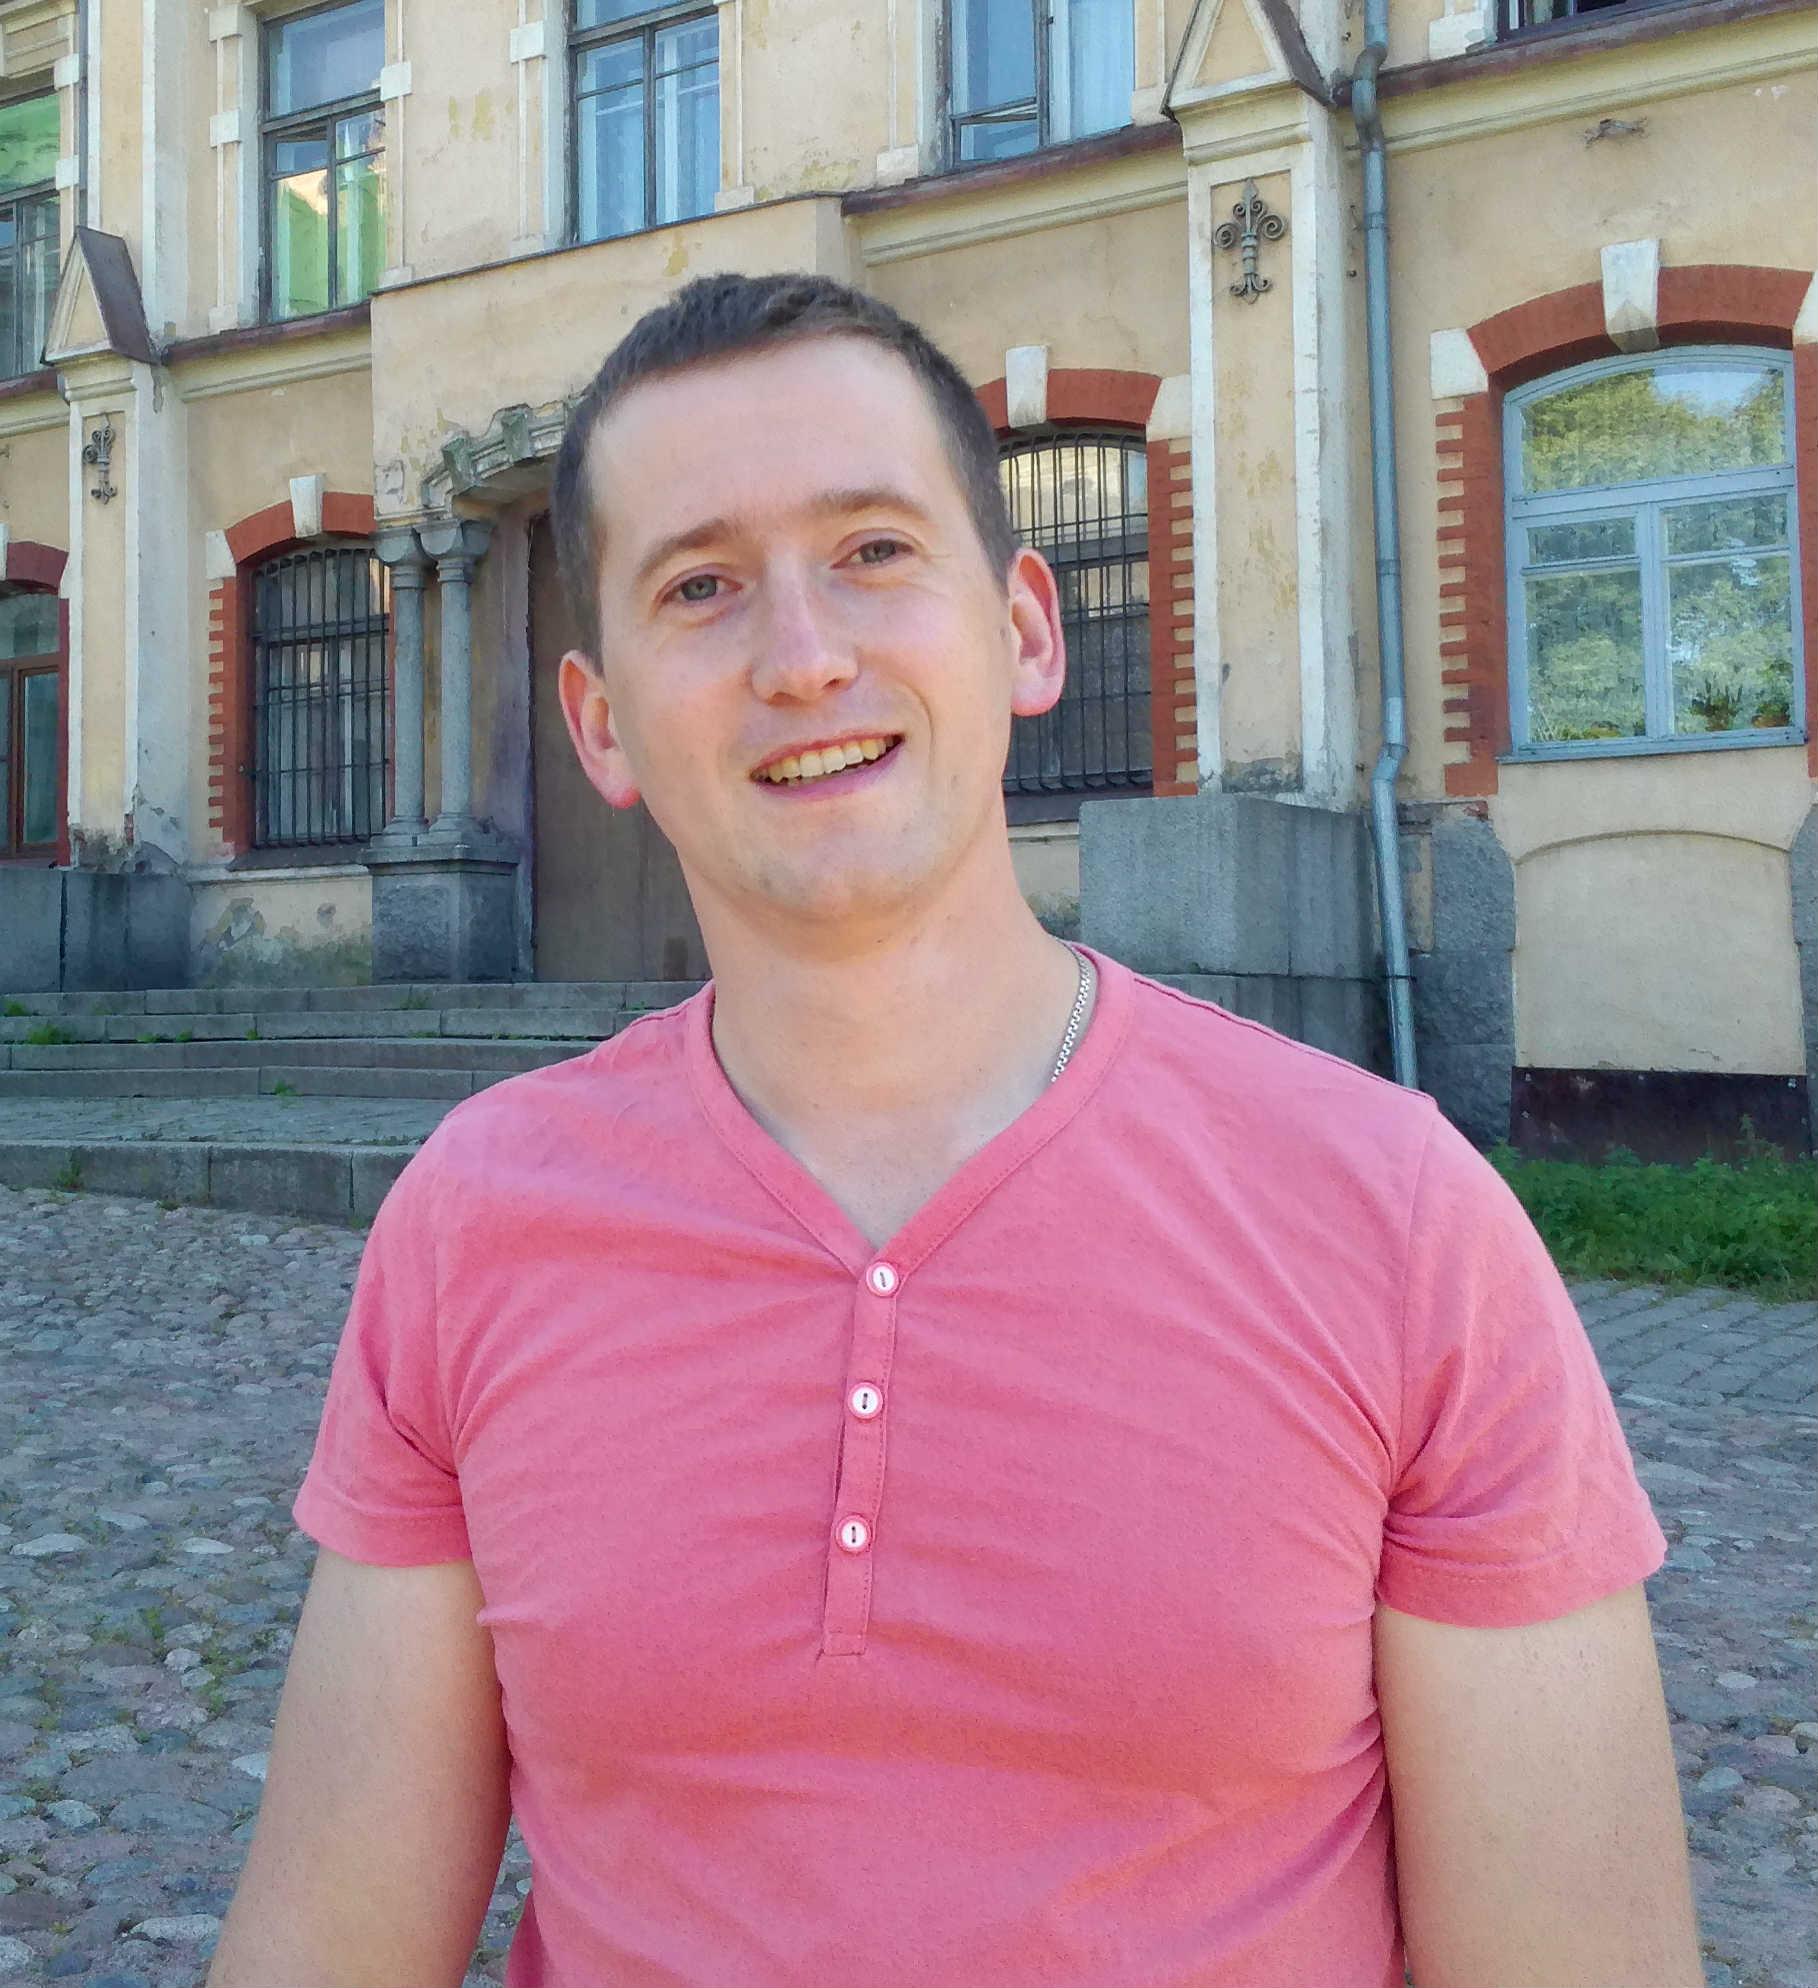 Тимофей habrealty.ru специалист по инвестициям